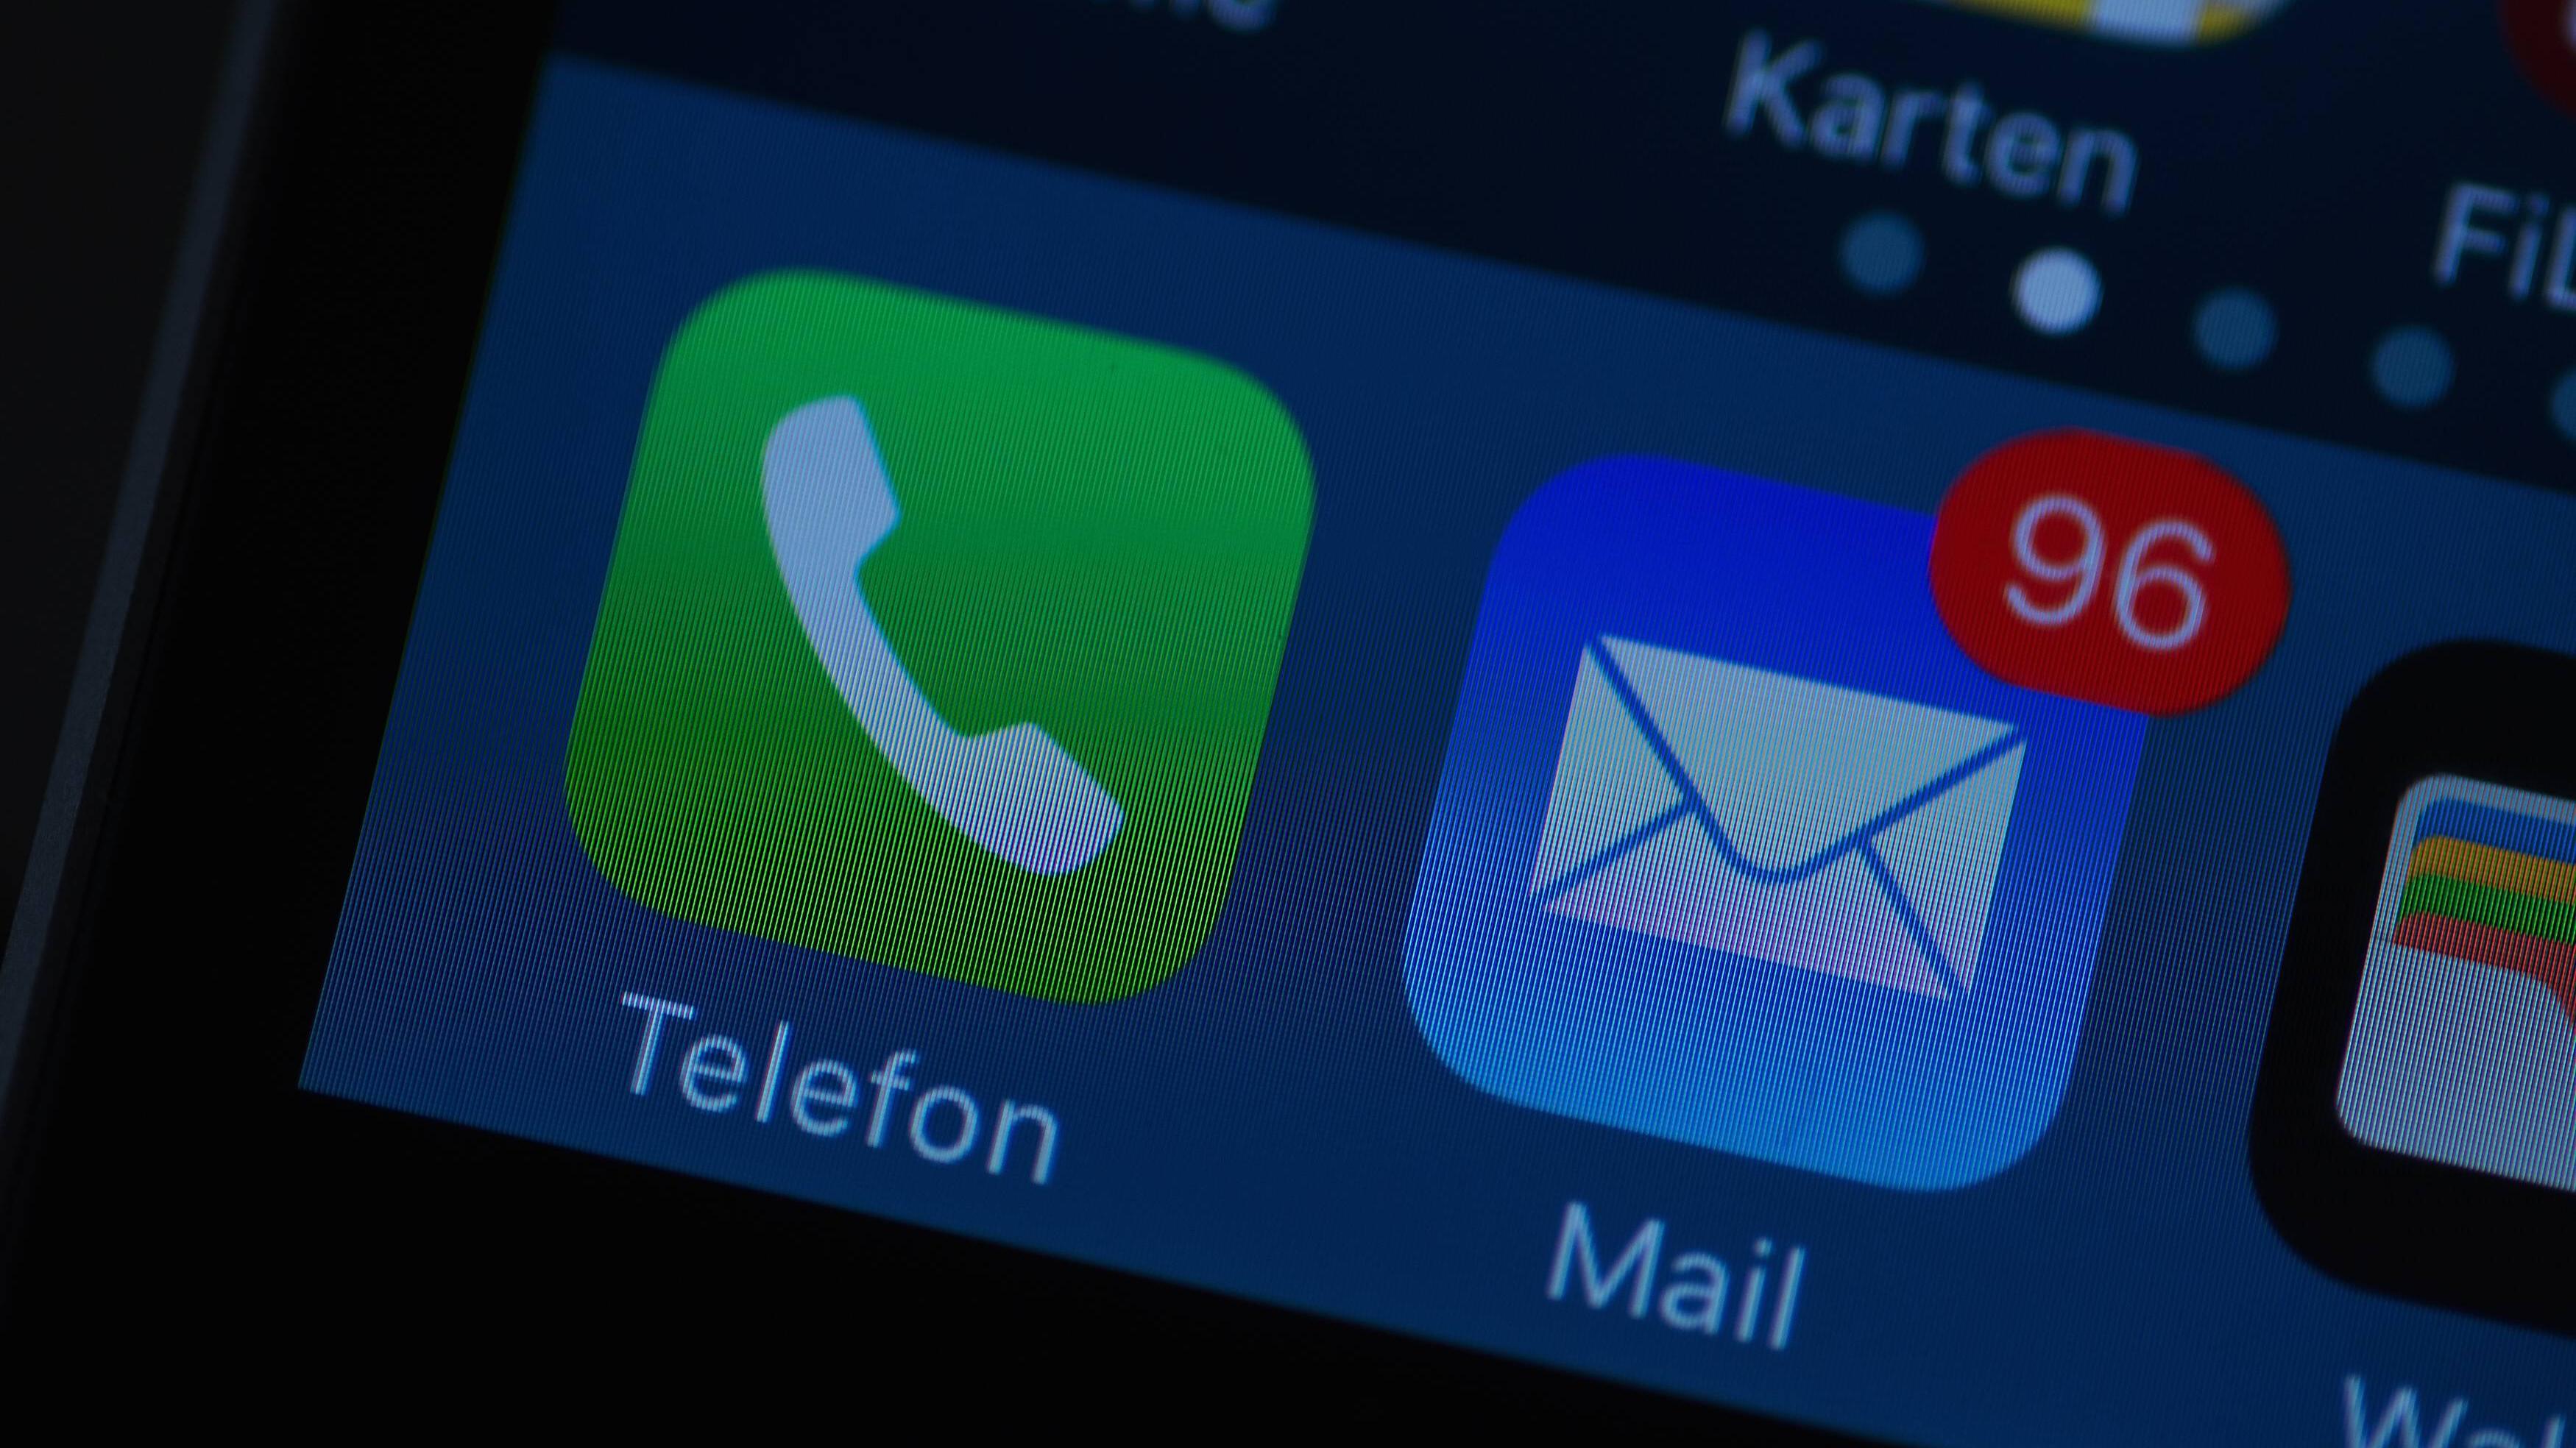 Blau.de: Mailbox deaktivieren - so funktioniert's